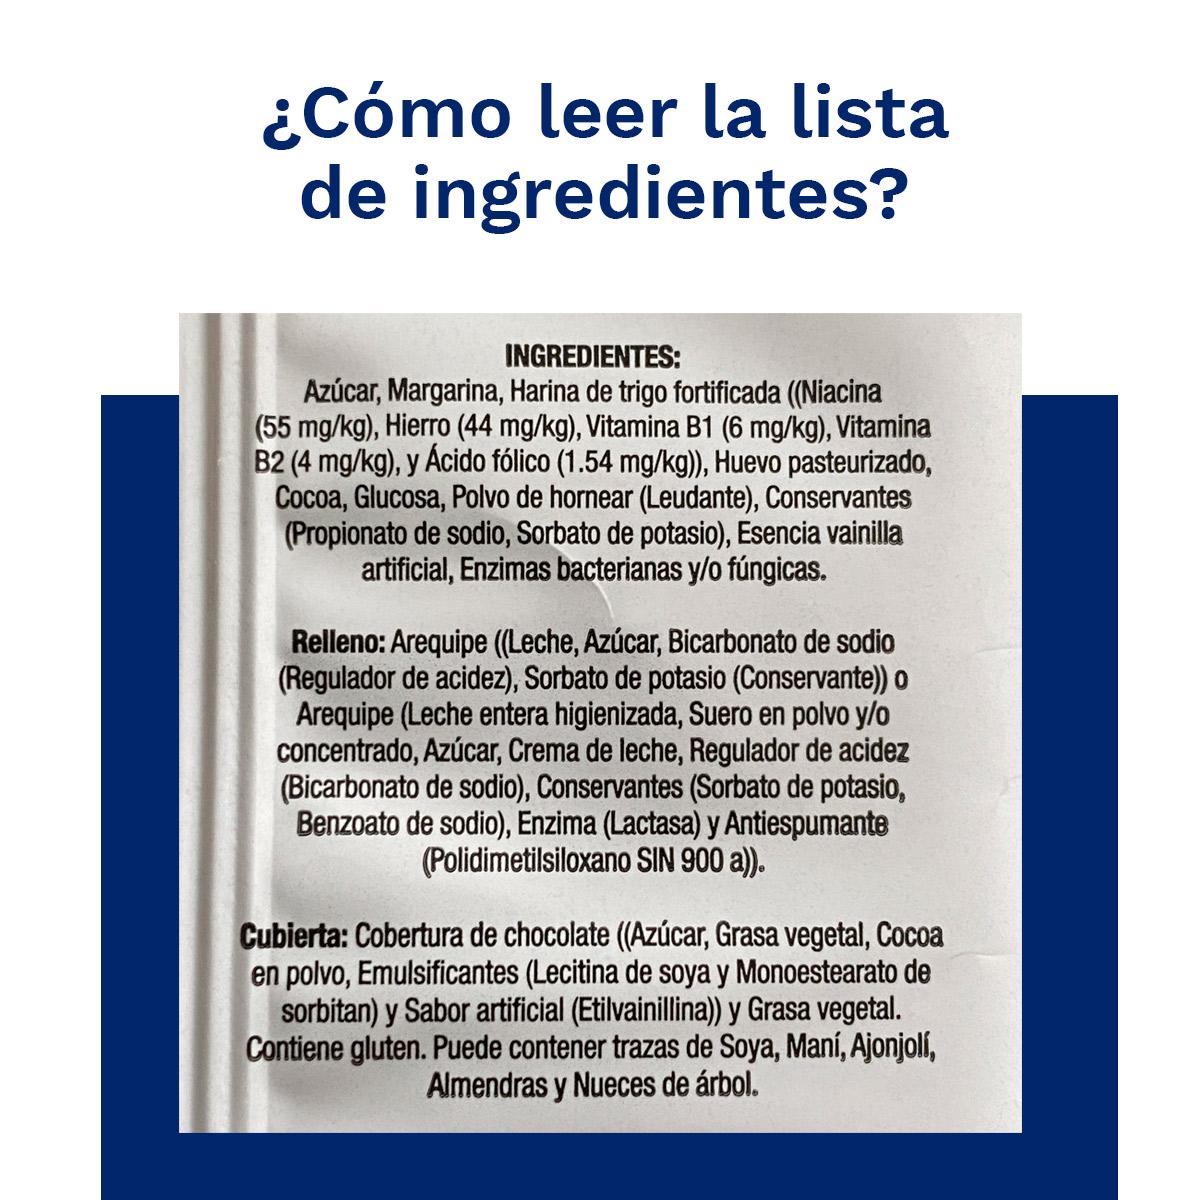 ¿Cómo leer la lista de ingredientes de los empaques?